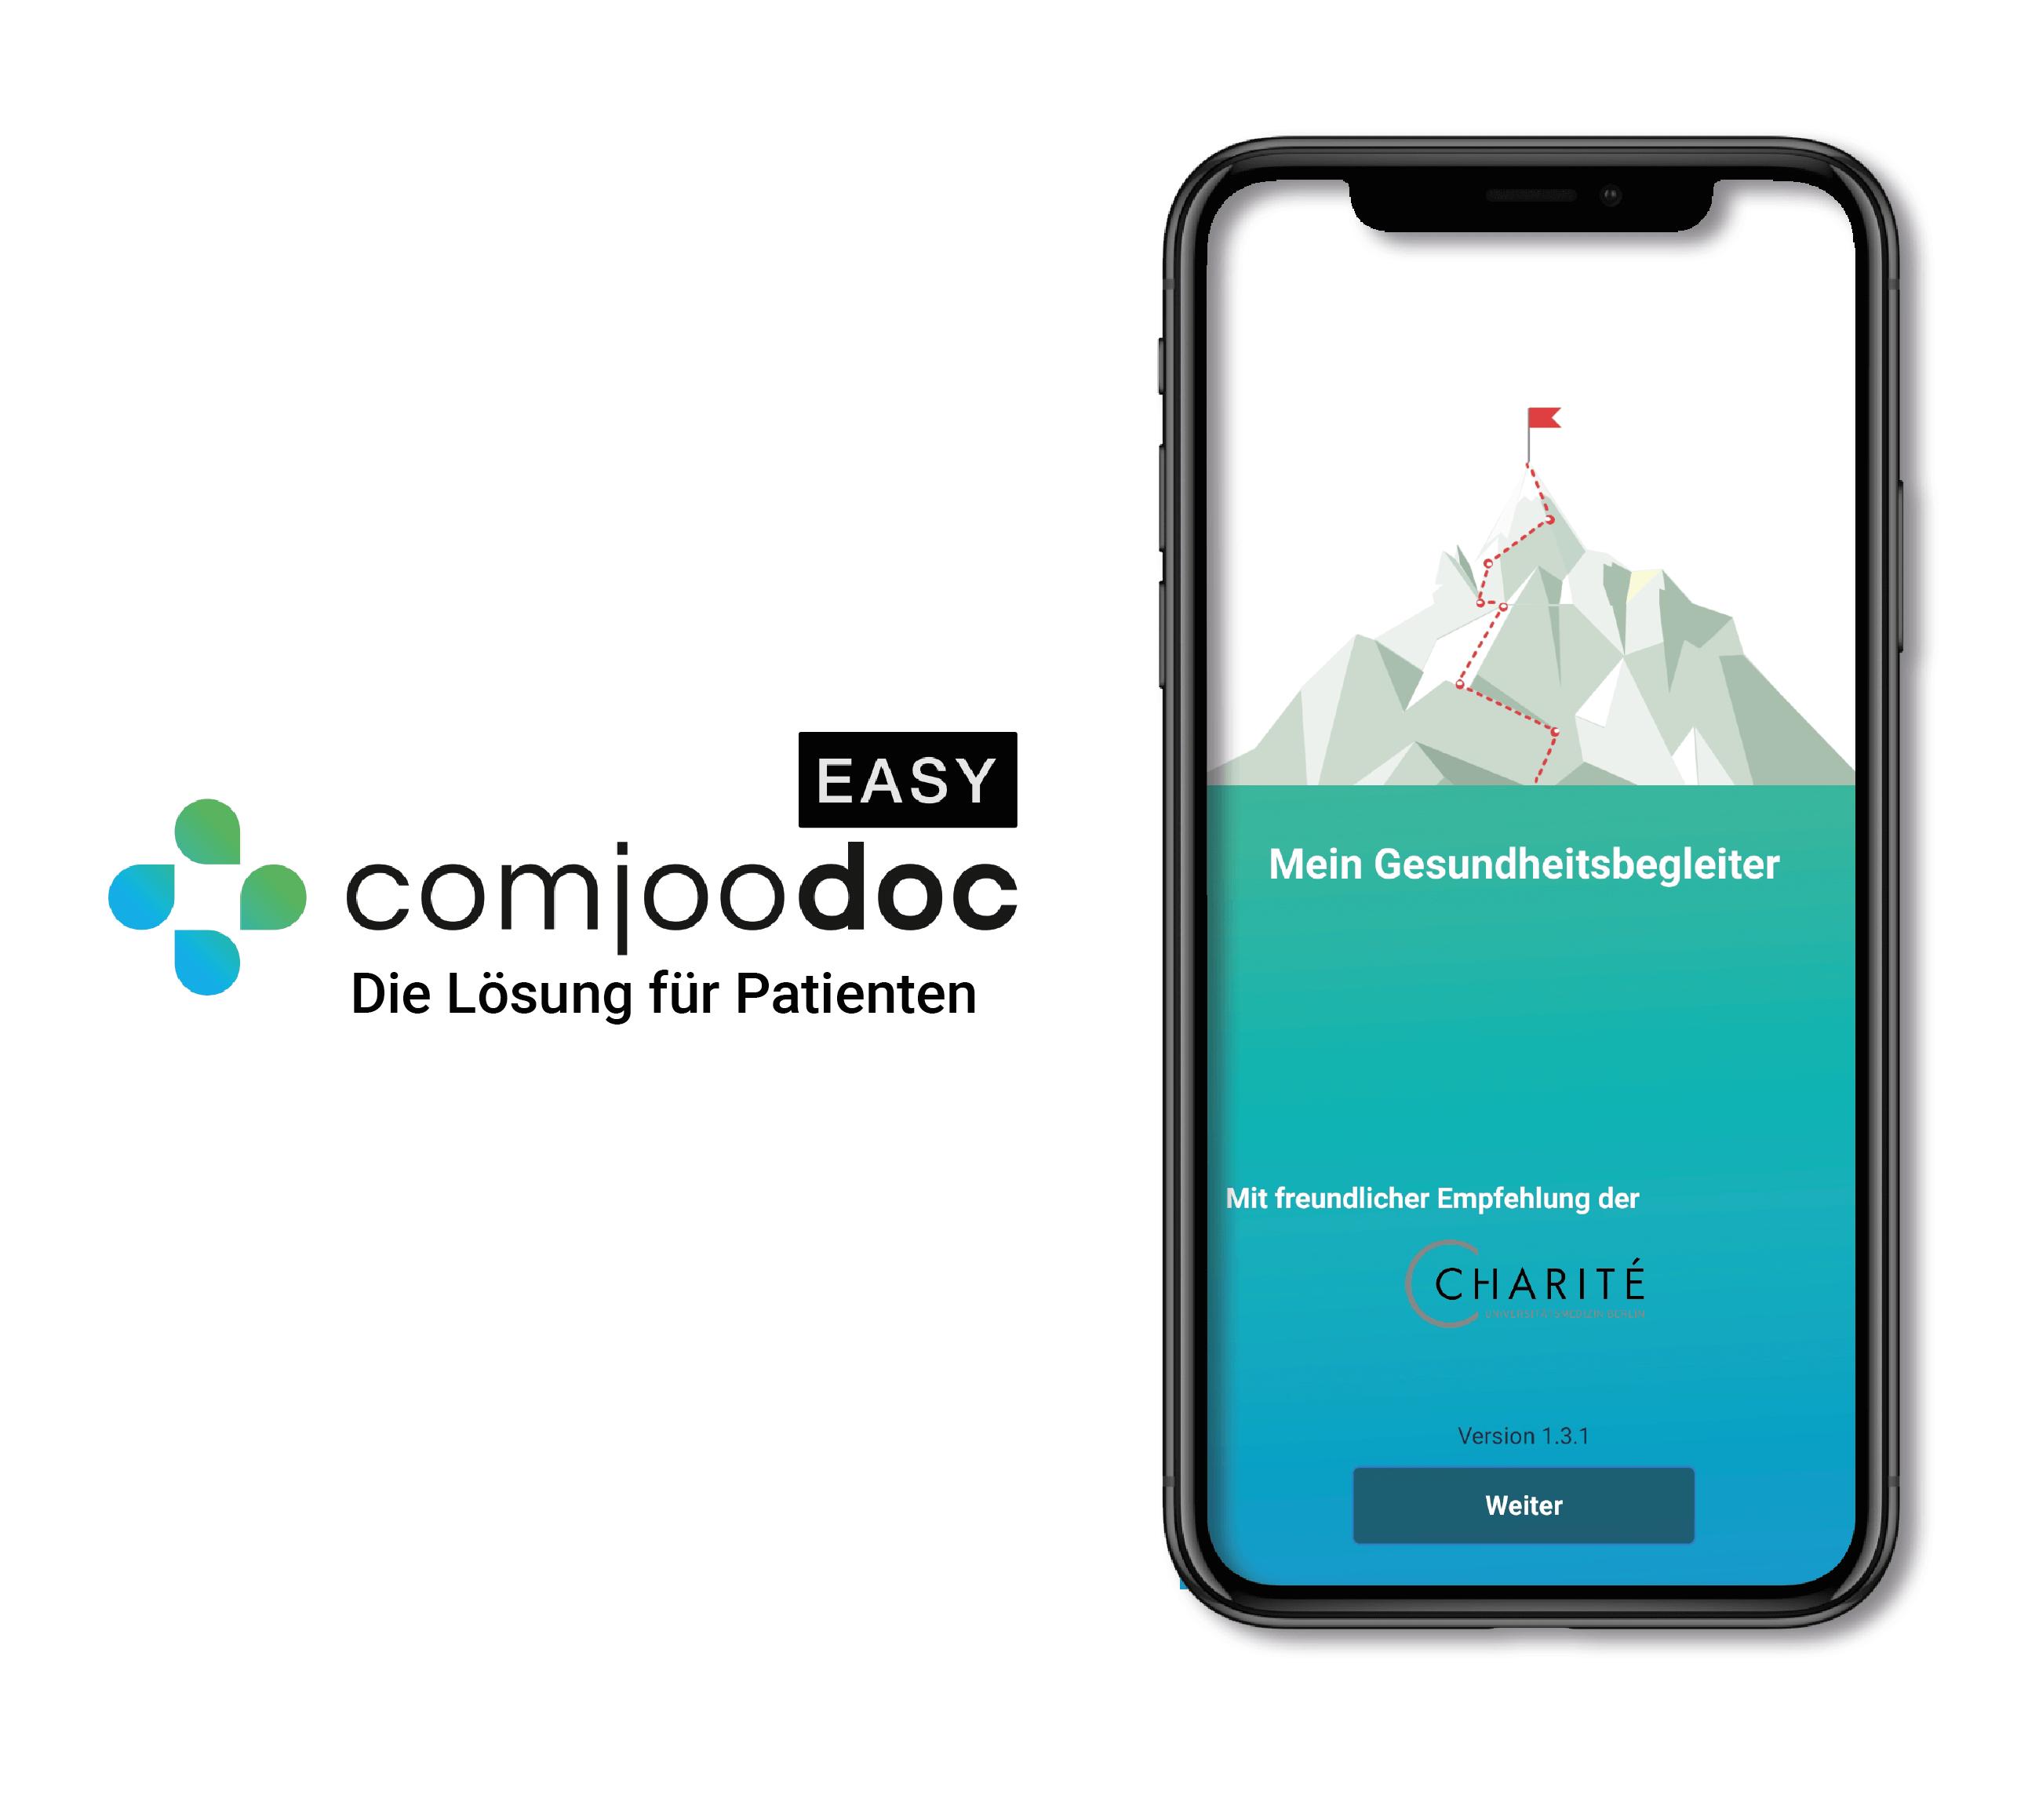 """Hier sind zwei Handys abgebildet, auf denen Screenshots von comjoodoc EASY zu sehen sind. Daneben steht der Schriftzug: """"comjoodoc EASY - connecting medical experts"""" mit dem Startbildschirm von comjoodoc EASY"""